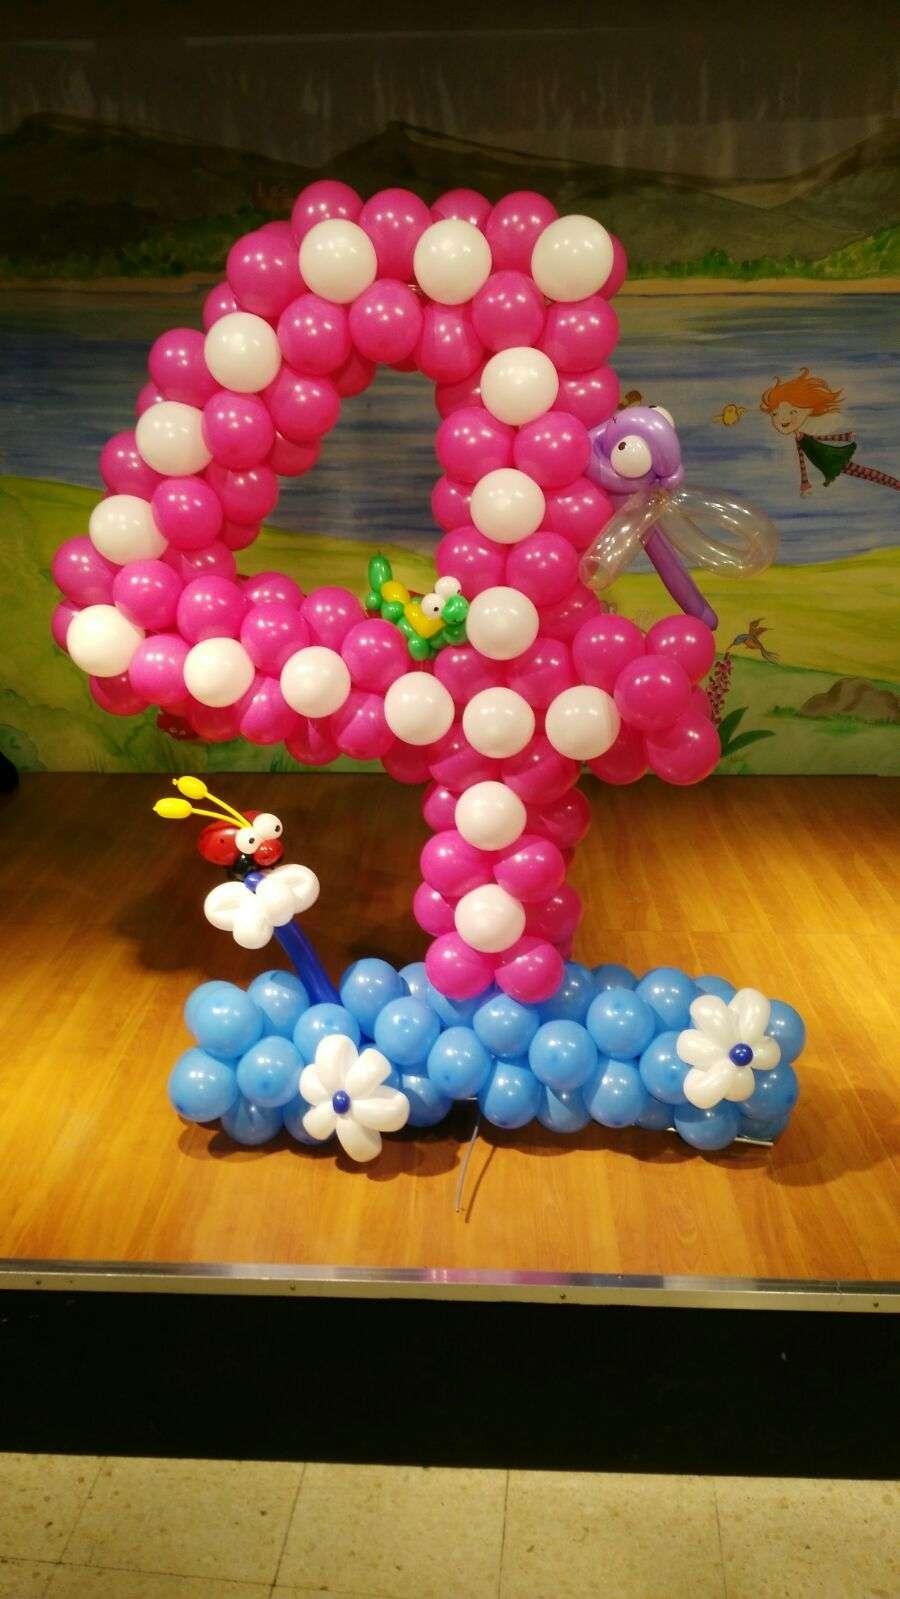 decoración con globos para bodas, decoracion globos boda civil, globos para bodas fotos, comprar globos para bodas, decoracion con globos para bodas paso a paso, suelta de globos para bodas, arco de globos para boda, globos personalizados para bodas, decoracion de salones para bodas, decoraciones para cumpleaños, decoraciones con globos para cumpleaños, decoración de fiestas infantiles con globos